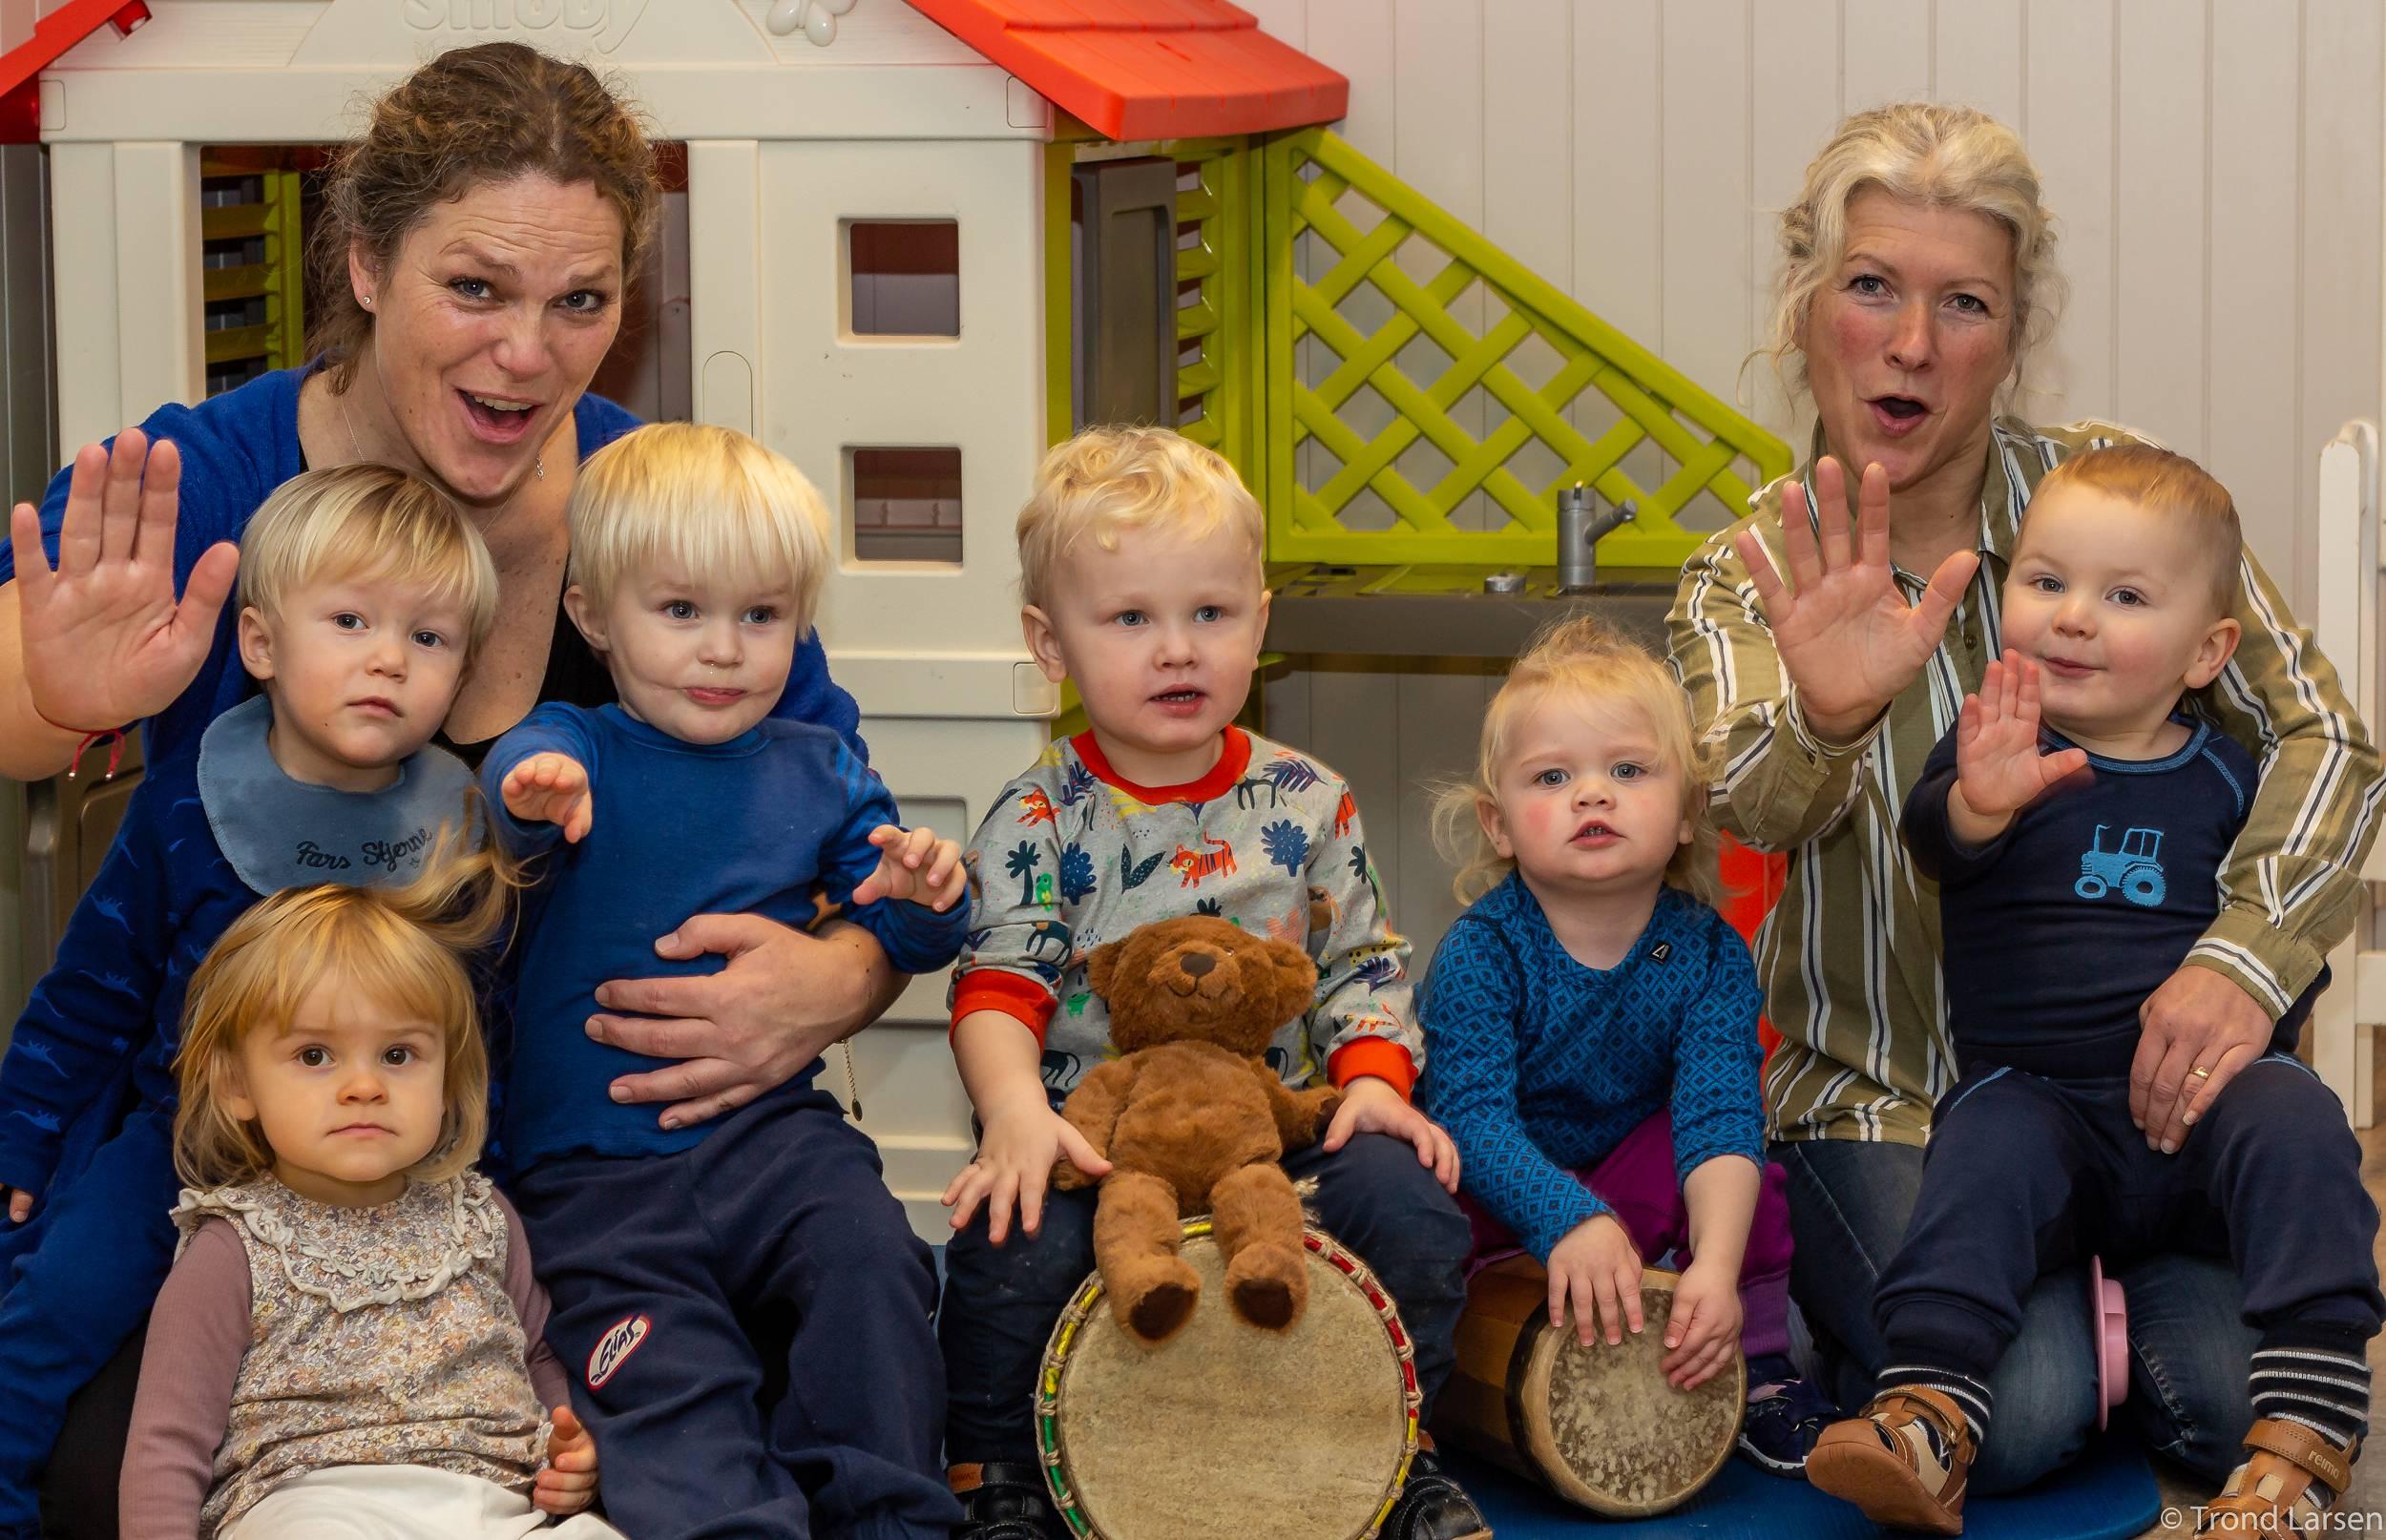 Voksne og barna viser stop tegnet ved å holde frem håndflaten.